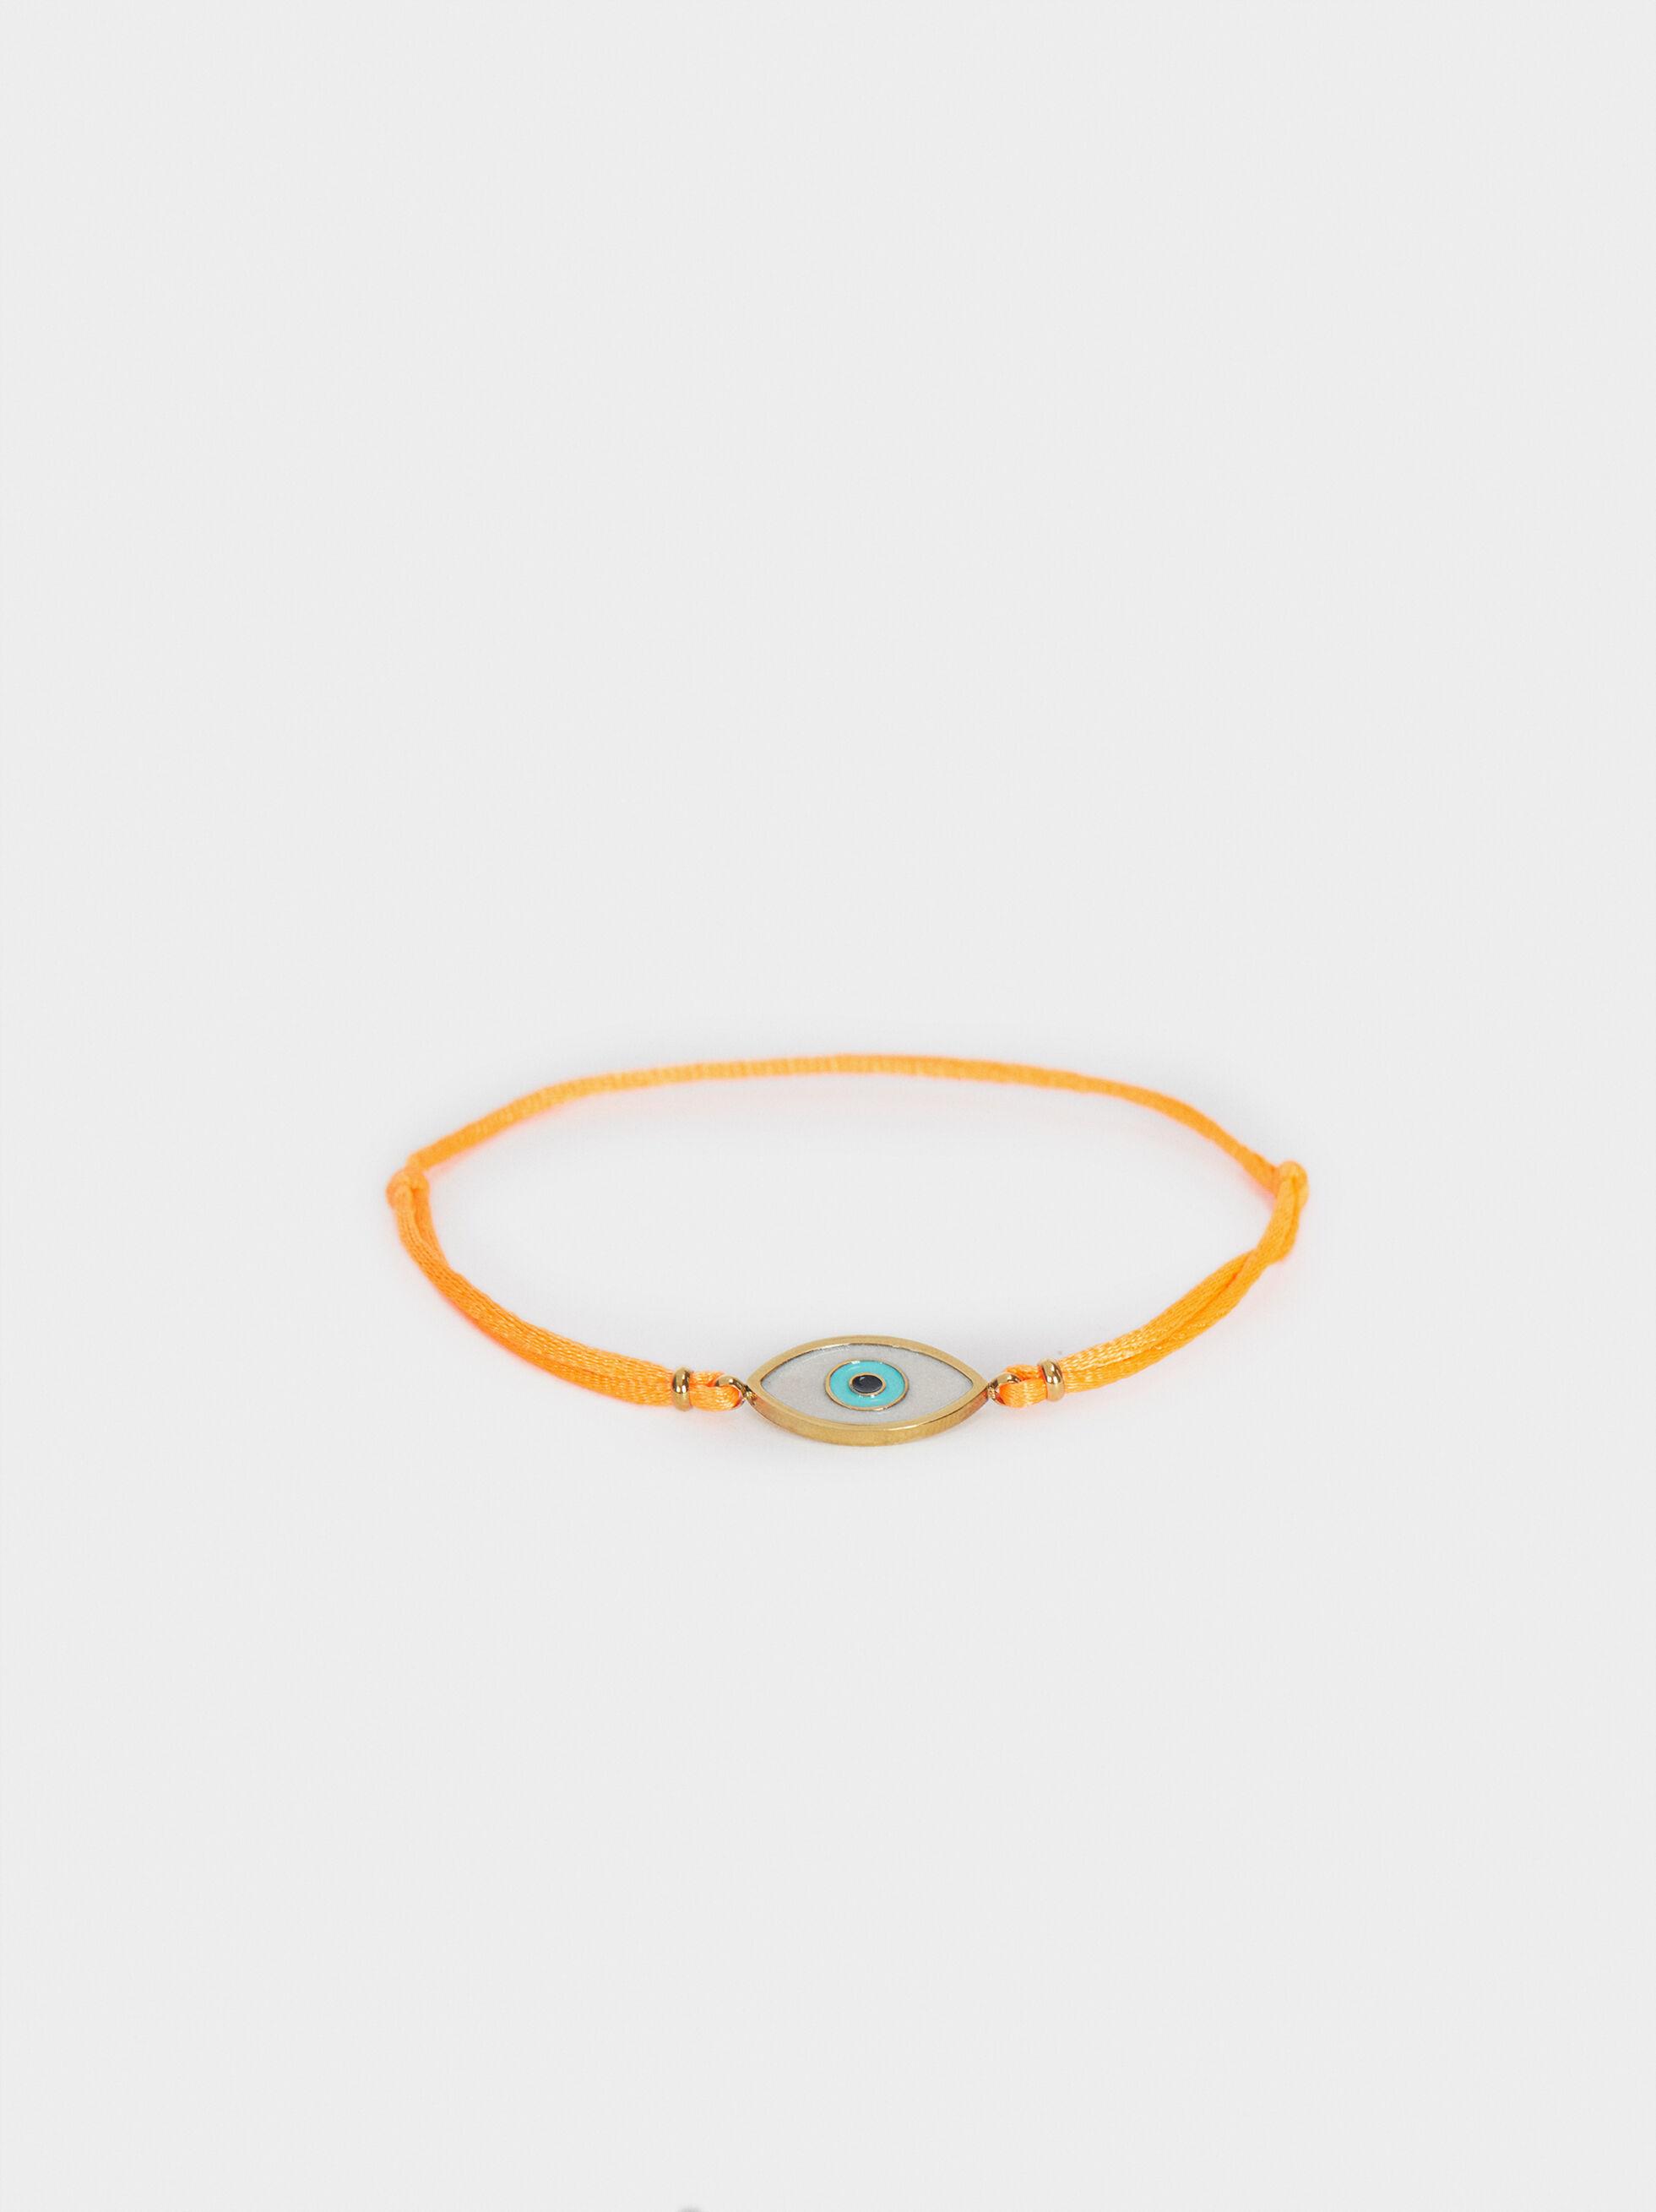 Braccialetto Regolabile In Corda Occhio, Arancione, hi-res